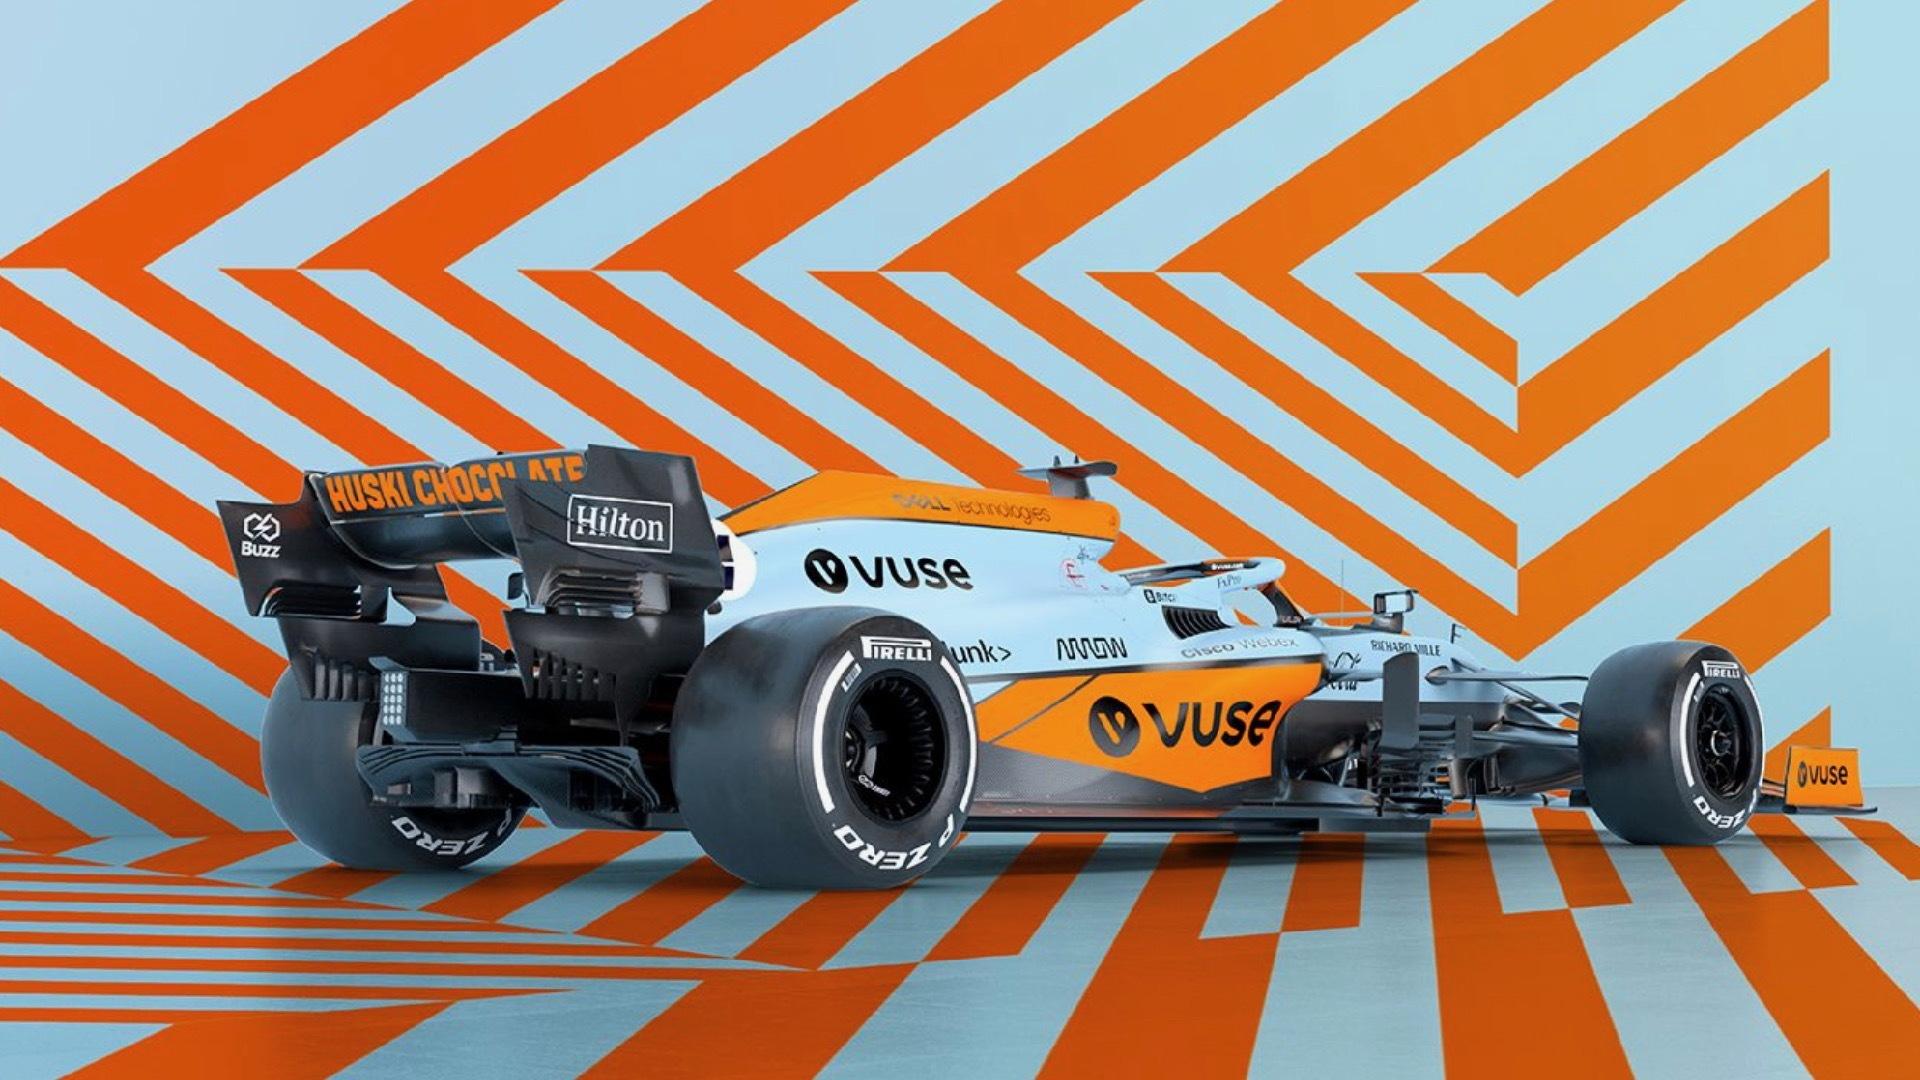 McLaren MCL35M Formula One car in Gulf livery